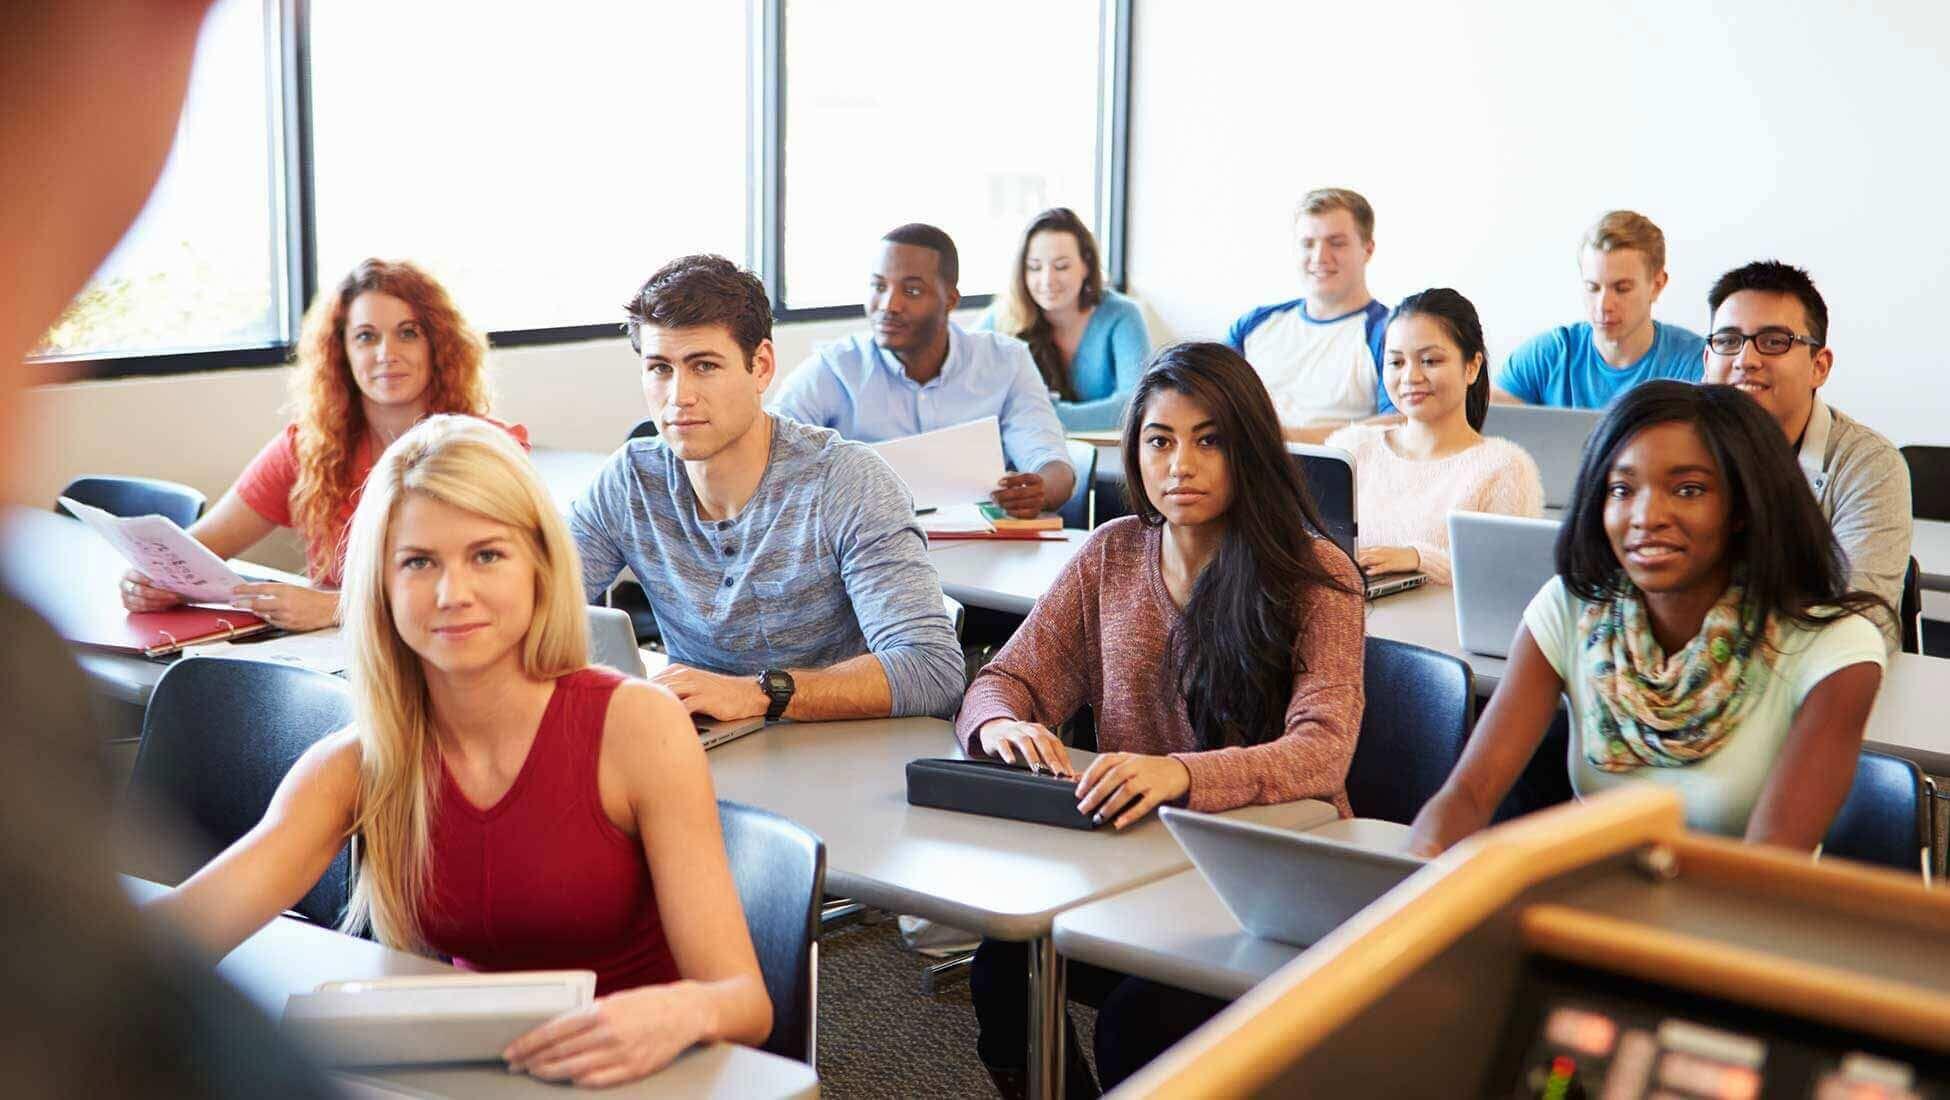 التسجيل في الجامعات في استراليا